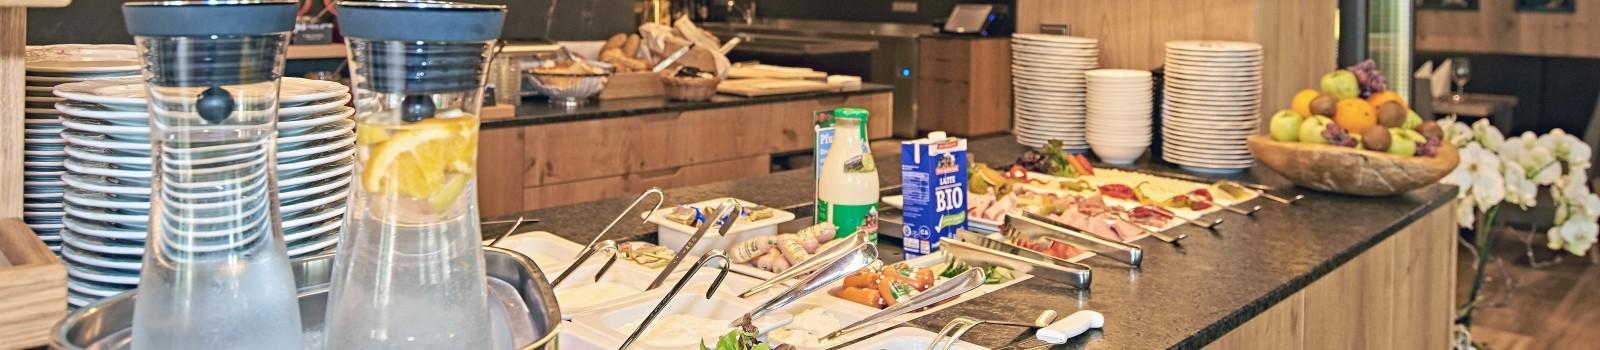 Frühstücken im Hotel Grünberger